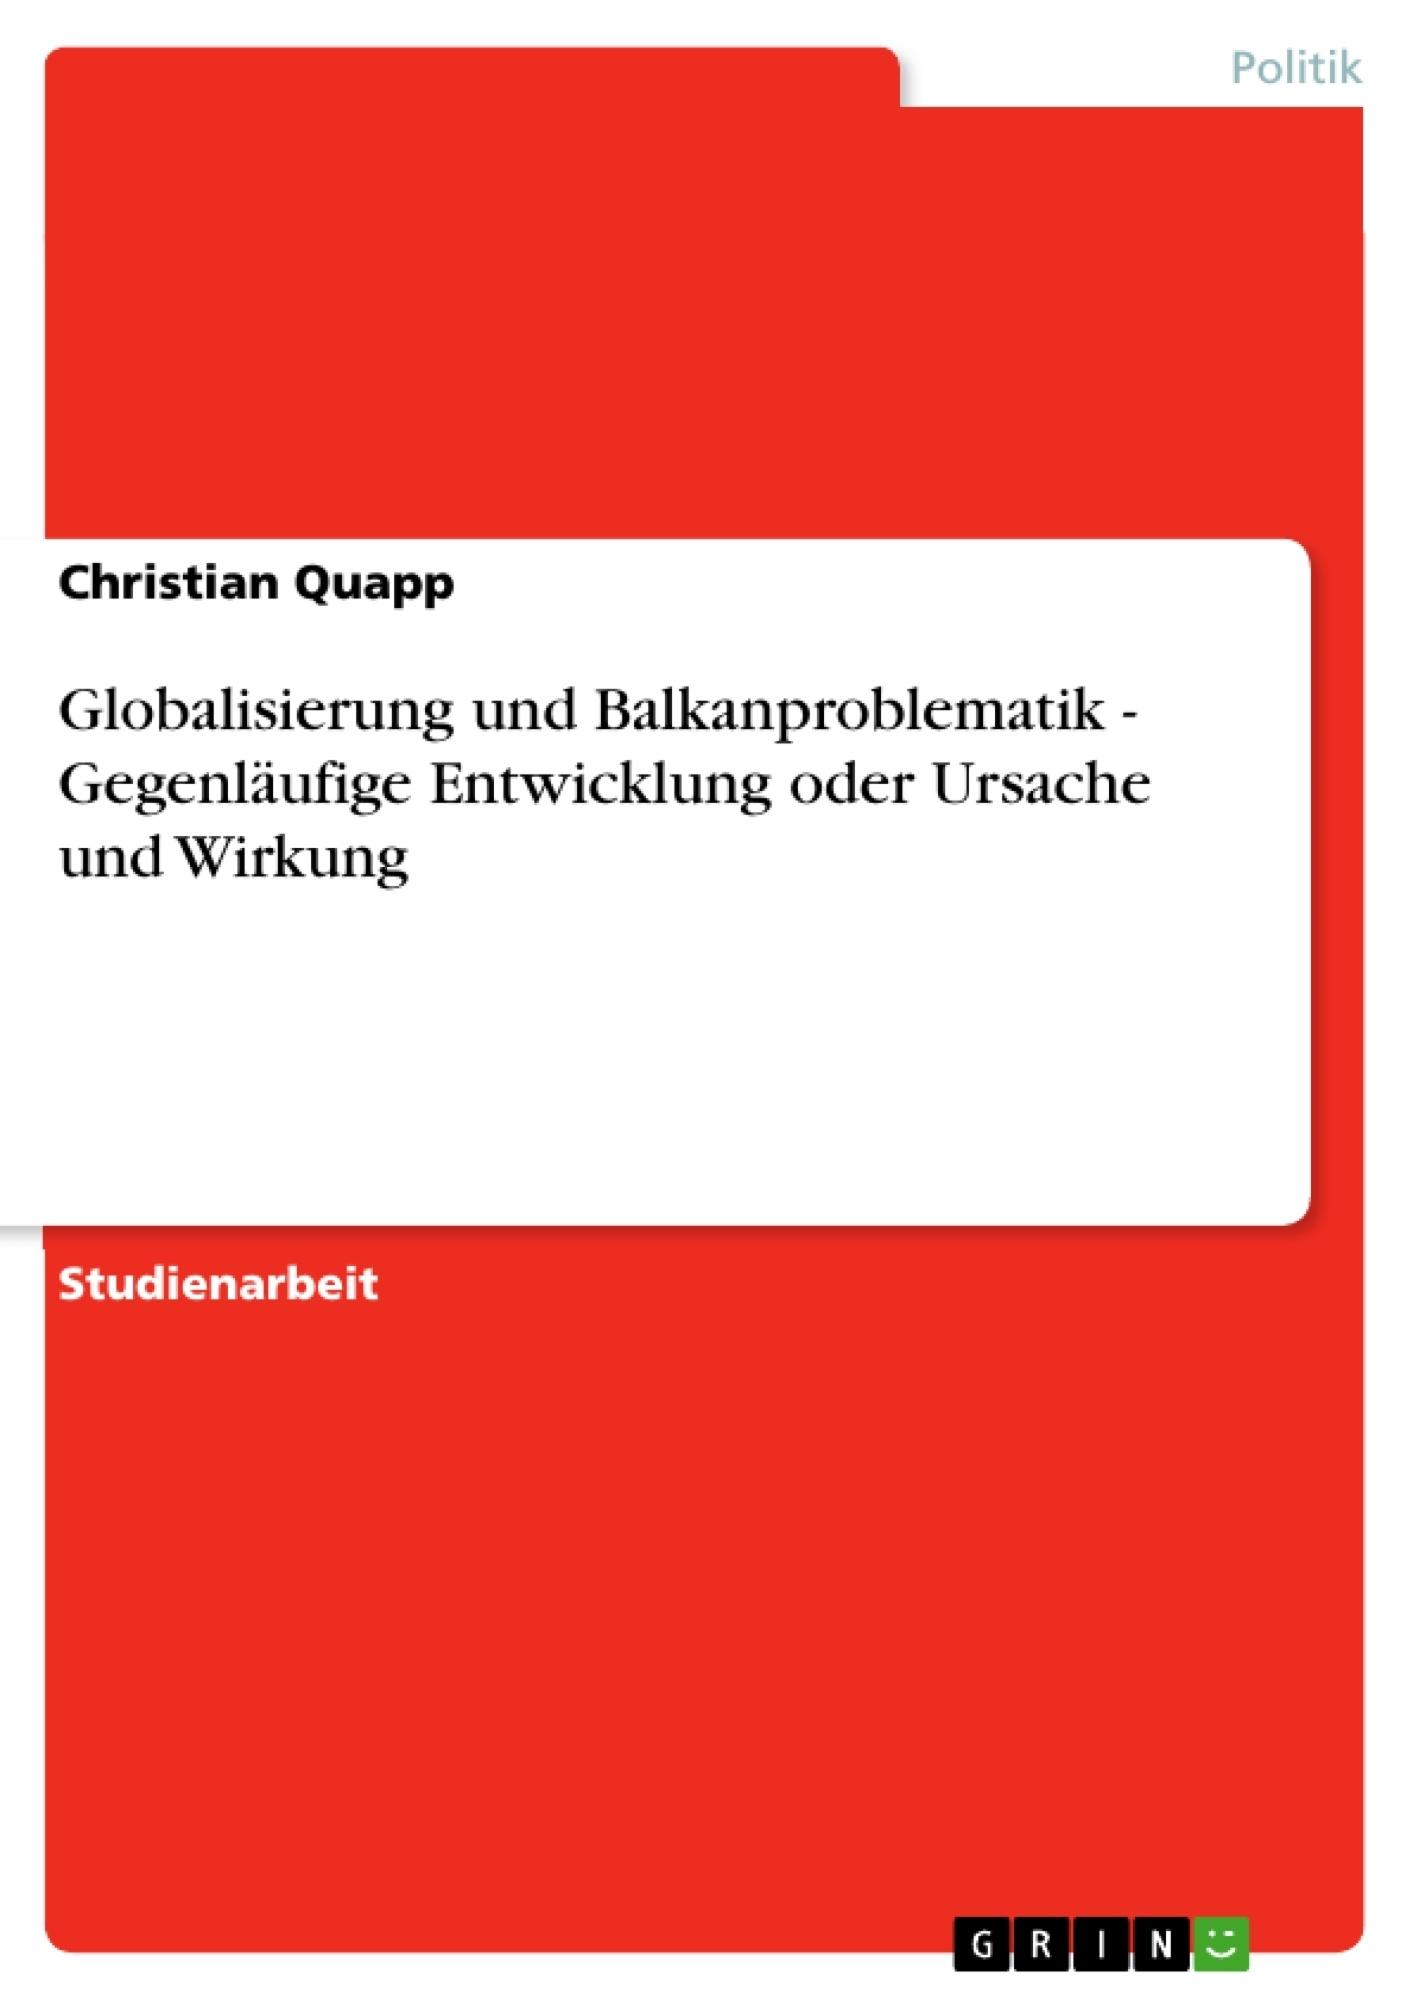 Titel: Globalisierung und Balkanproblematik - Gegenläufige Entwicklung oder Ursache und Wirkung